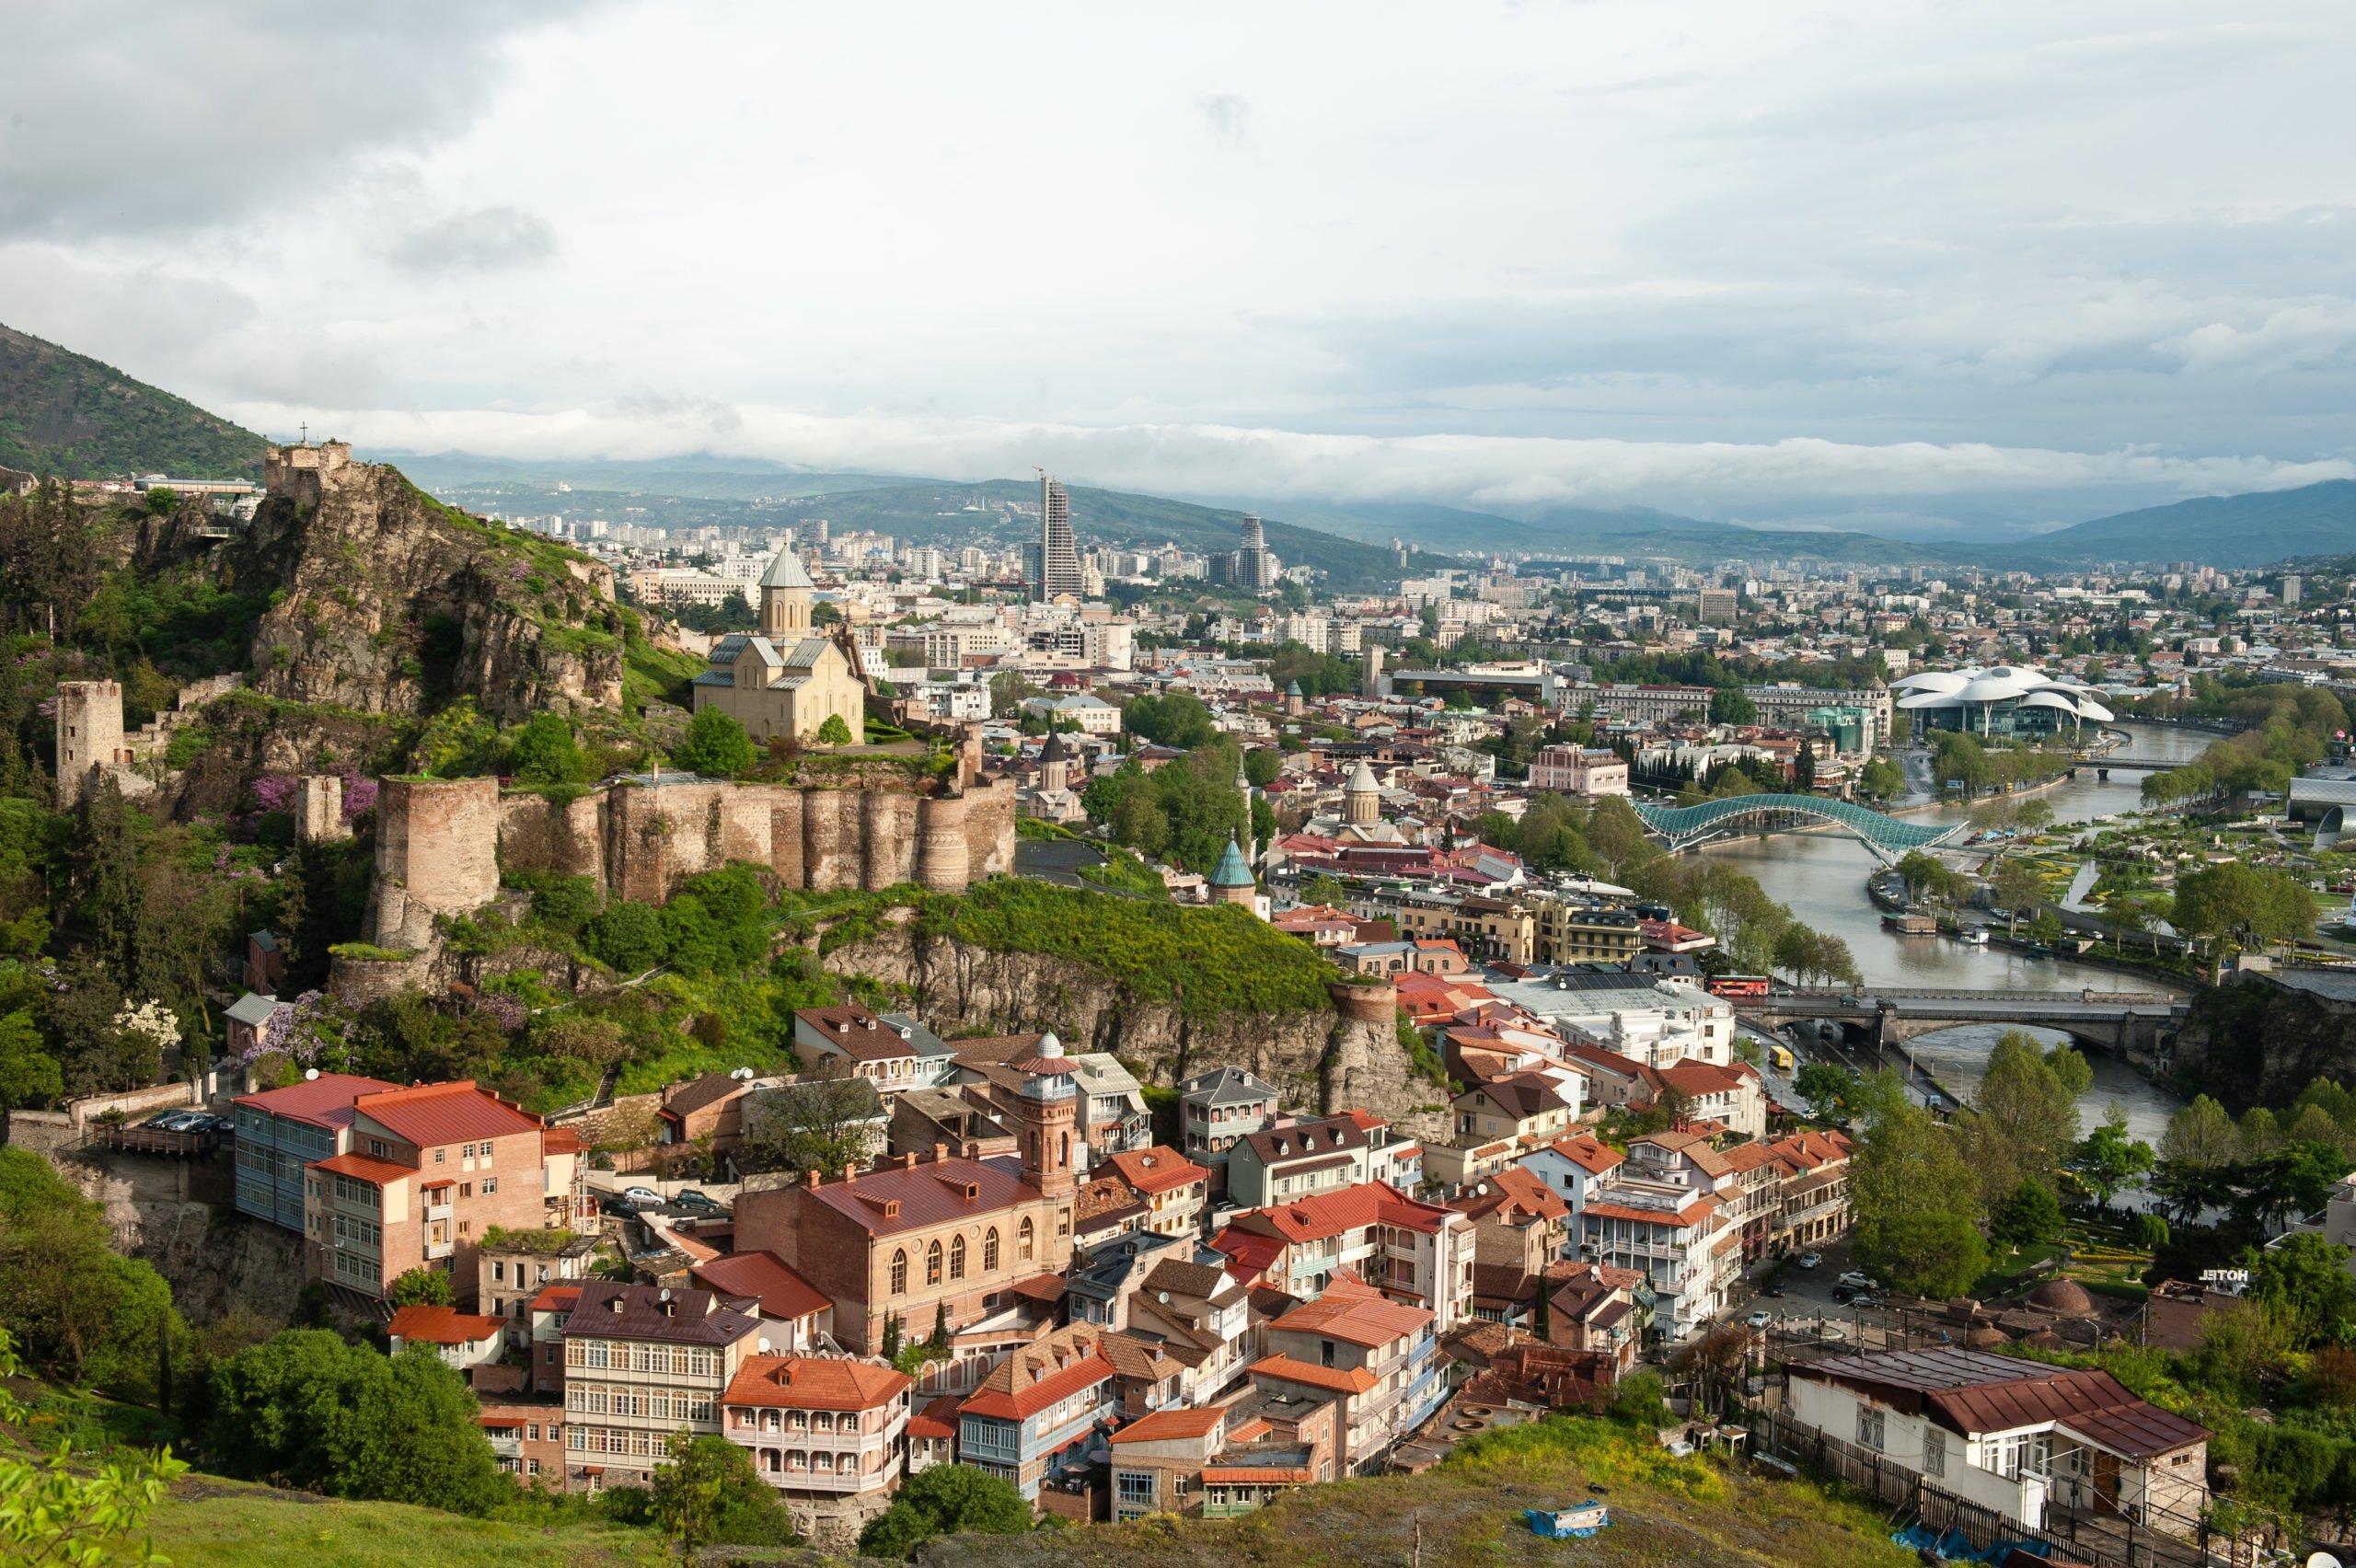 نبذة زيارات تبليسي المدينة الساحرة